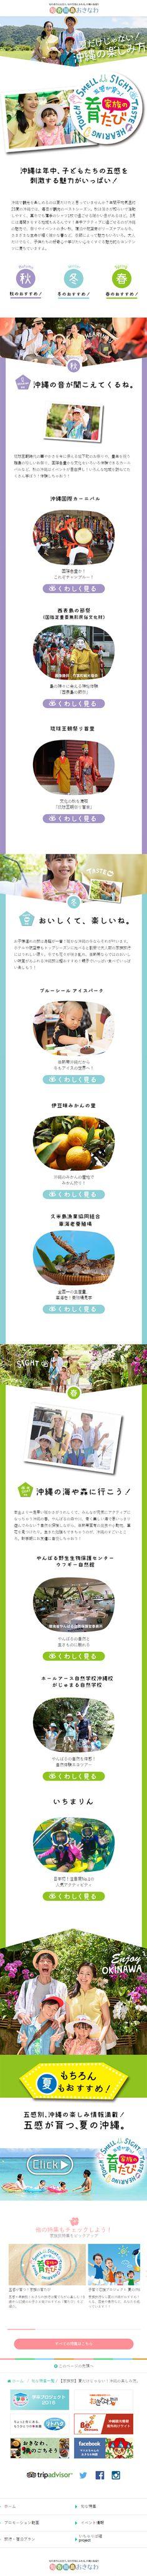 【家族旅】夏だけじゃない!沖縄の楽しみ方|WEBデザイナーさん必見!スマホランディングページのデザイン参考に(信頼・安心系)